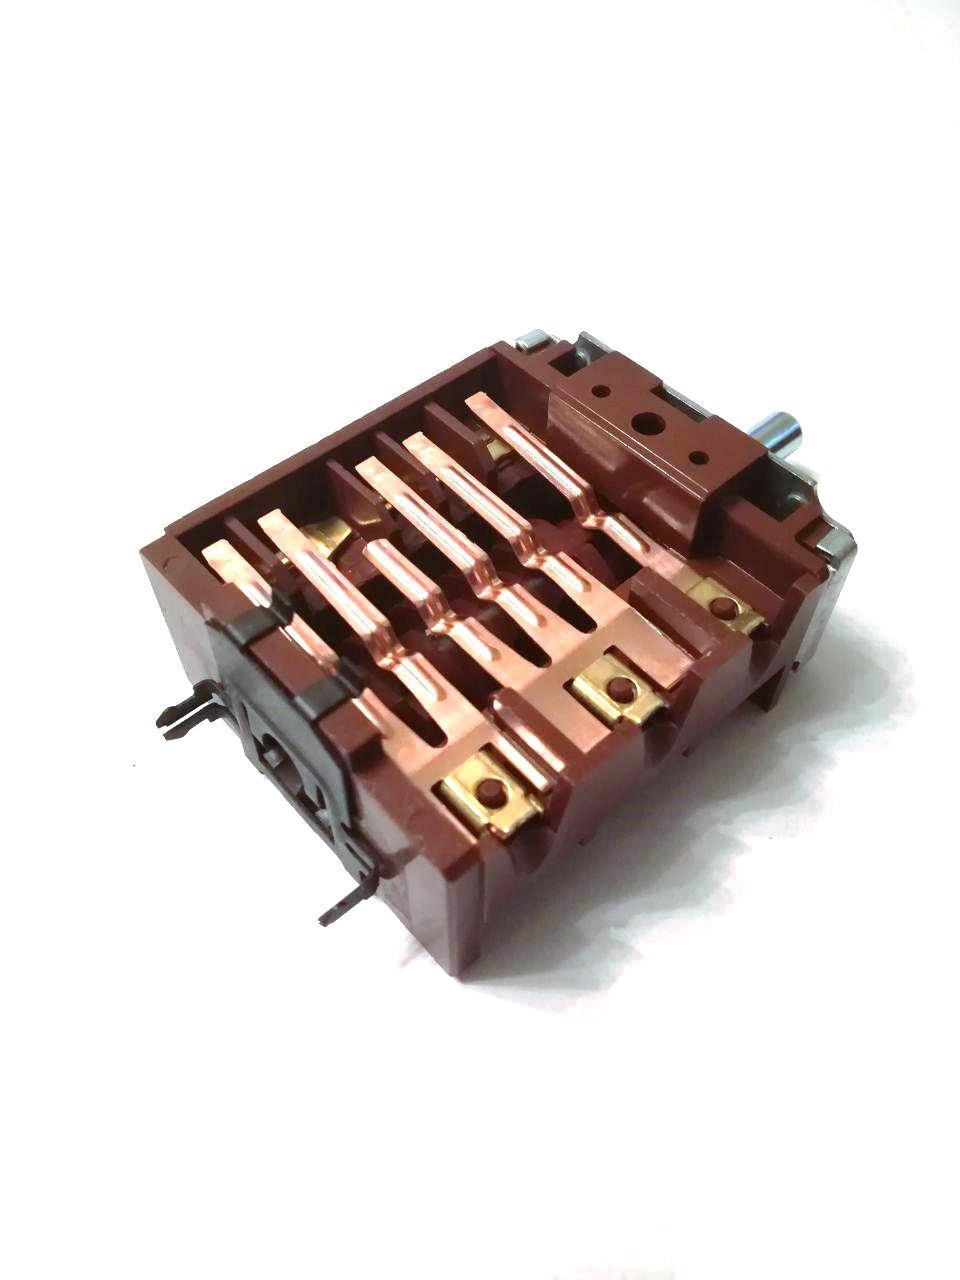 Переключатель 6-ти позиционный ПМ 46.23866.528 для электроплит и духовок / EGO / Германия